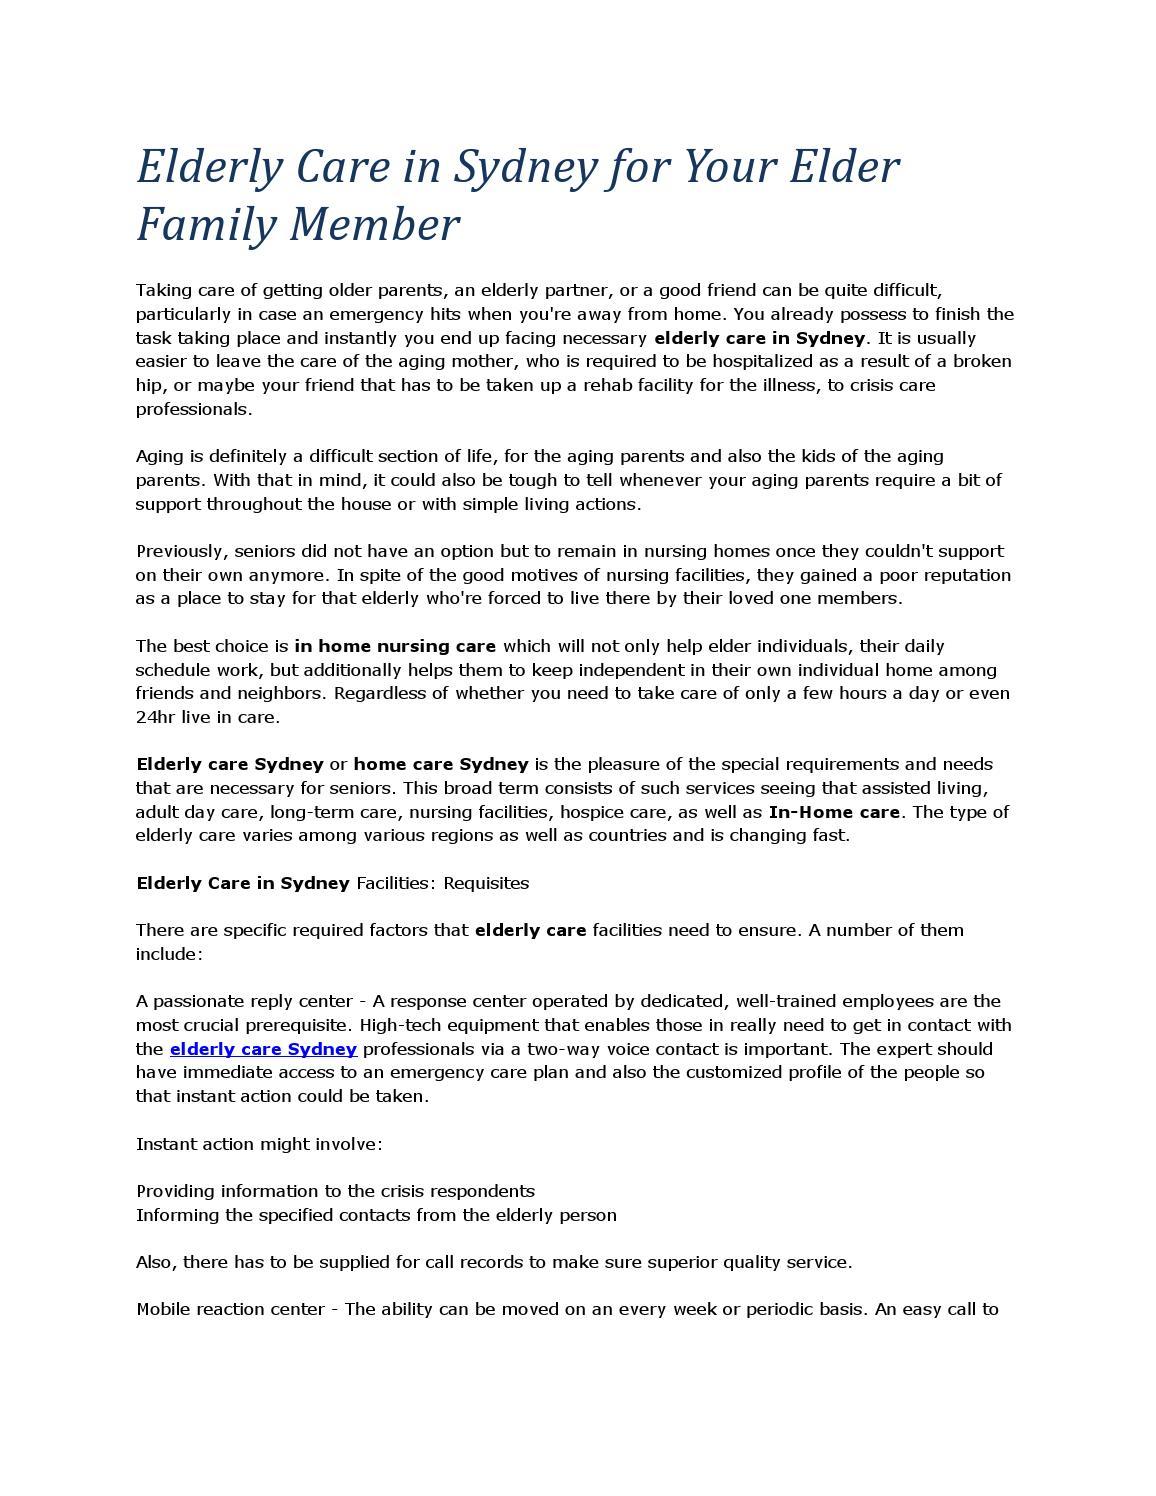 Elderly care in sydney for your elder family member by Regal Health